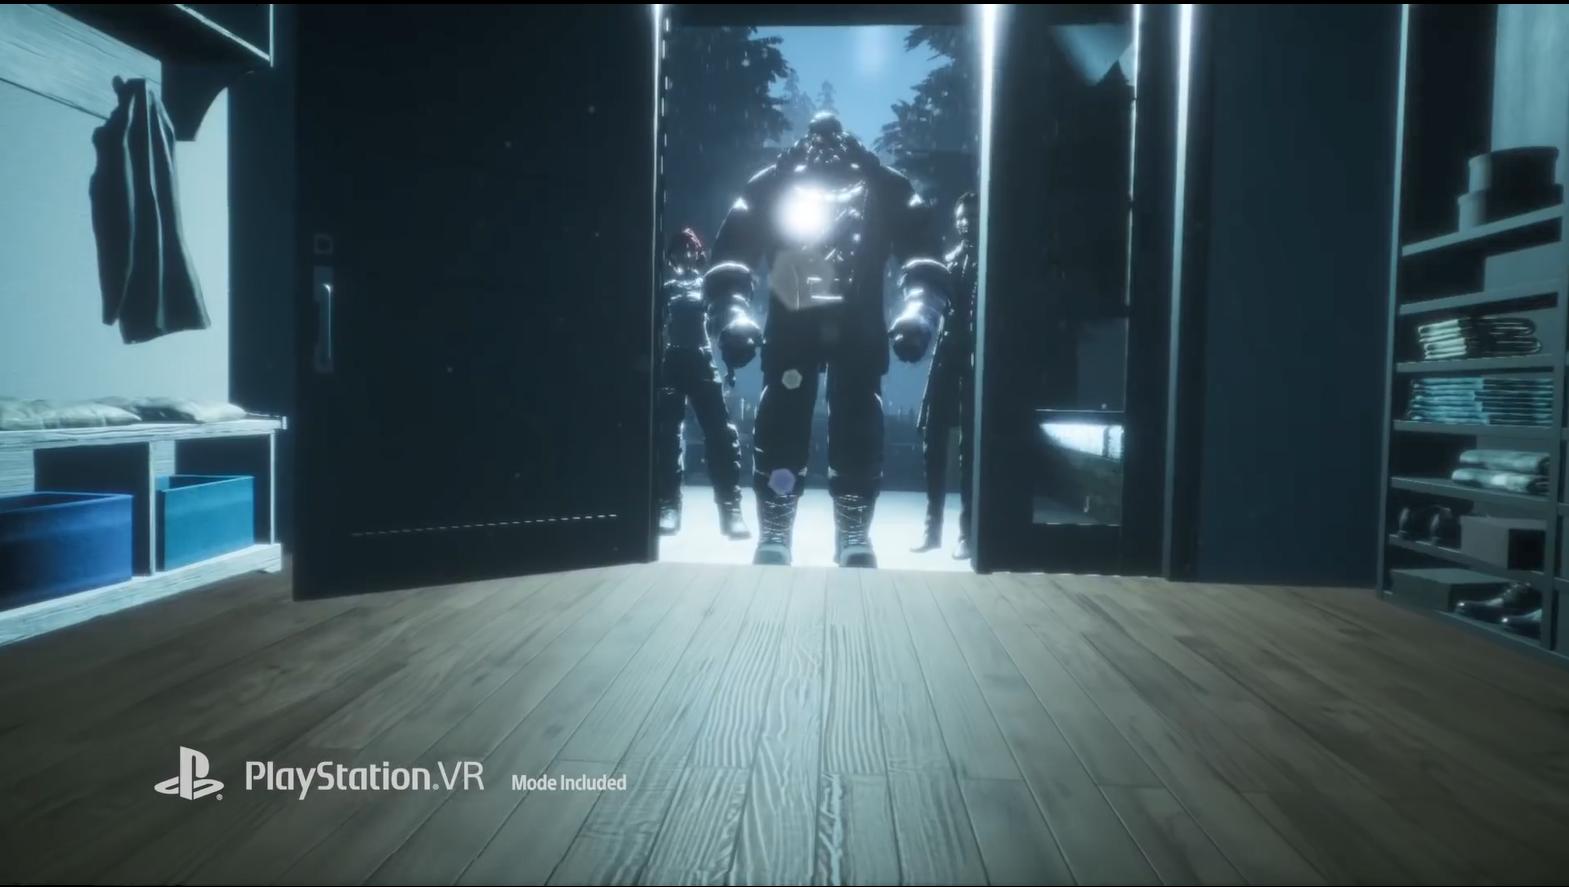 《侵入者:捉迷藏》官方宣传片 恐怖小屋潜行求生